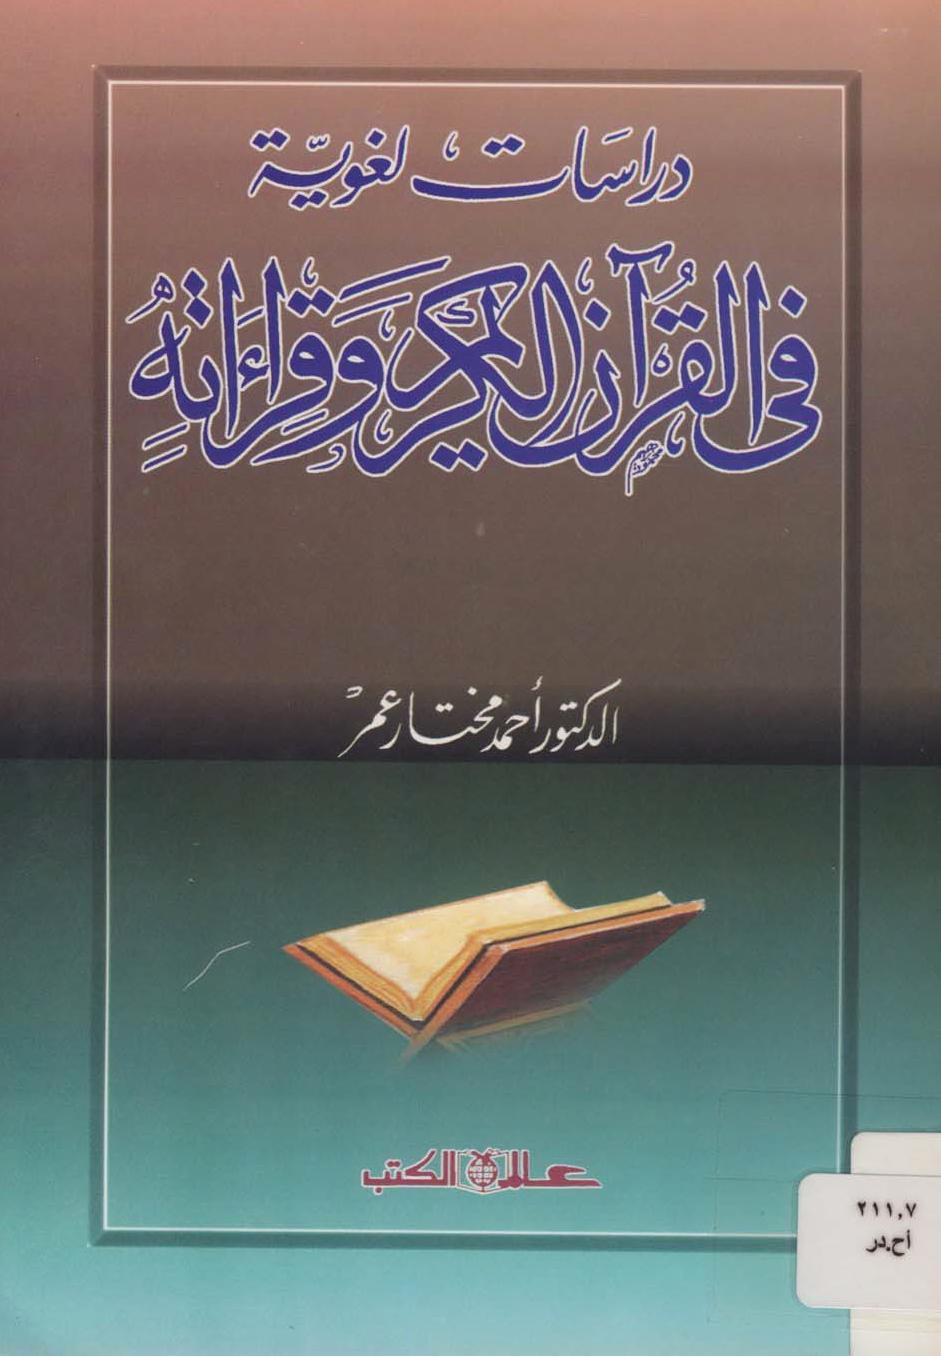 تحميل كتاب دراسات لغوية في القرآن الكريم وقراءاته لـِ: الدكتور أحمد مختار عبد الحميد عمر (ت 1424)